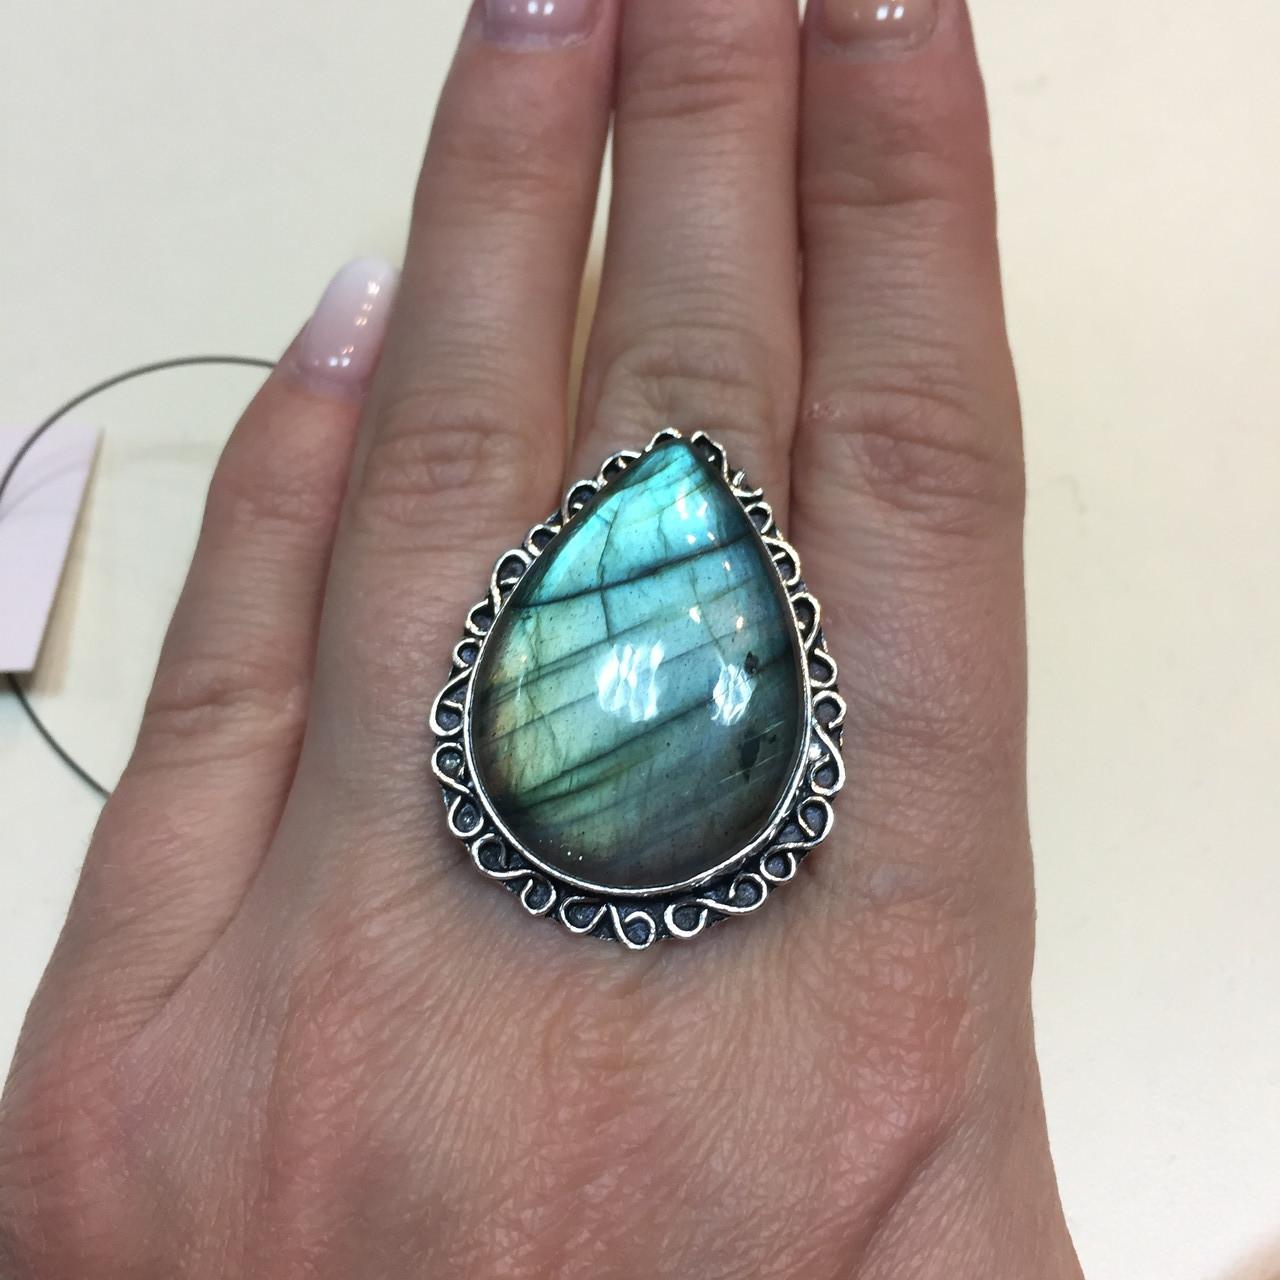 Лабрадор кольцо капля с натуральным лабрадоритом в серебре 21,5 размер Индия